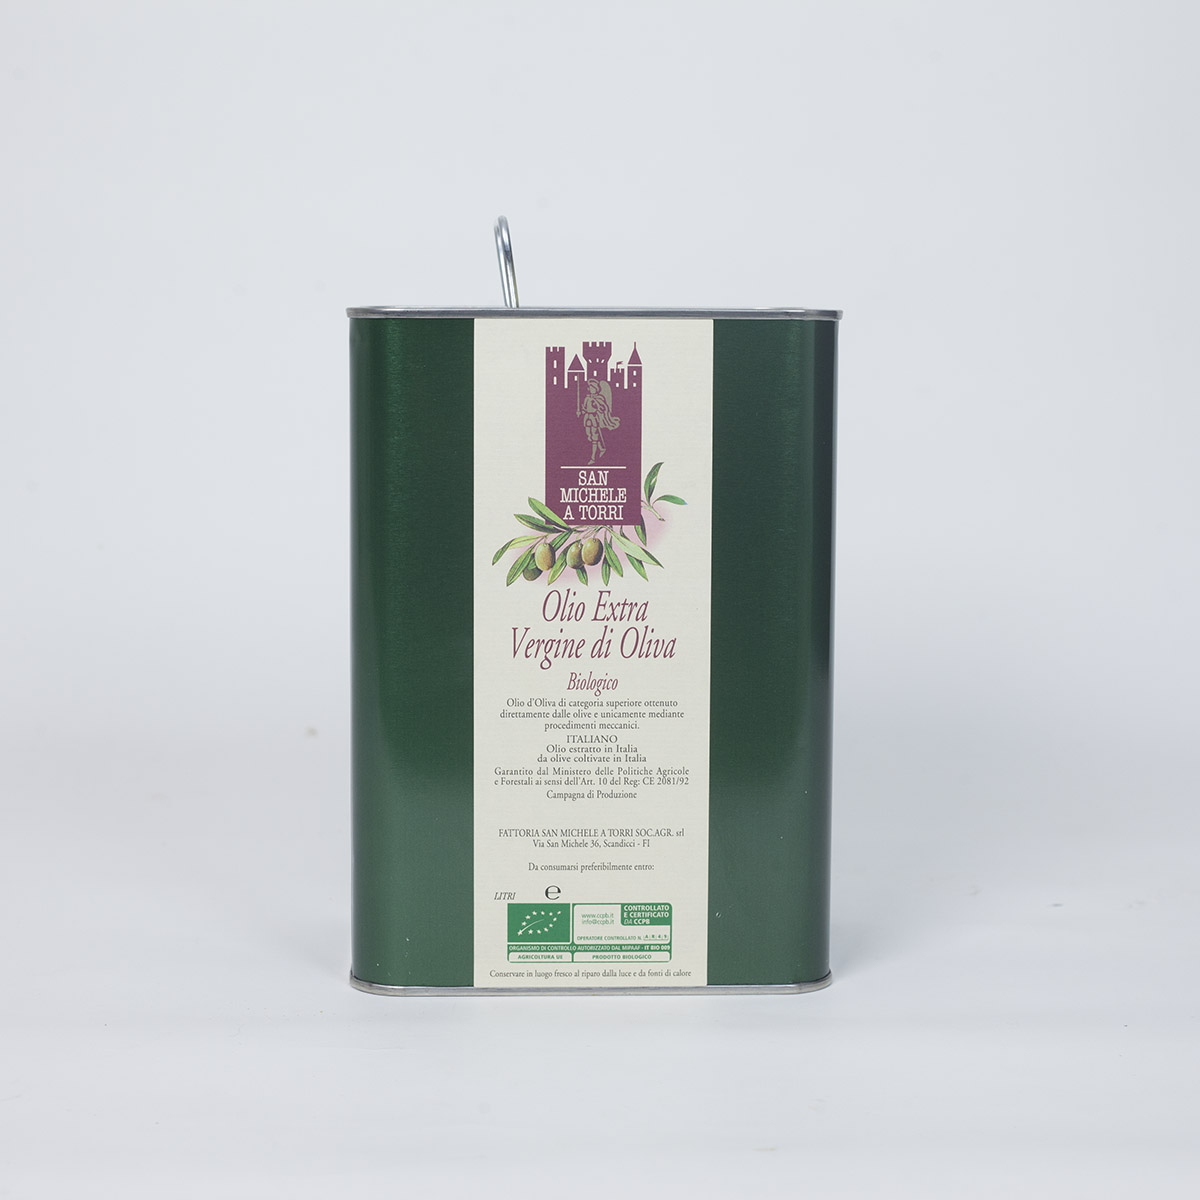 OLIO EXTRA VERGINE DI OLIVA - Latta da 3 lt.